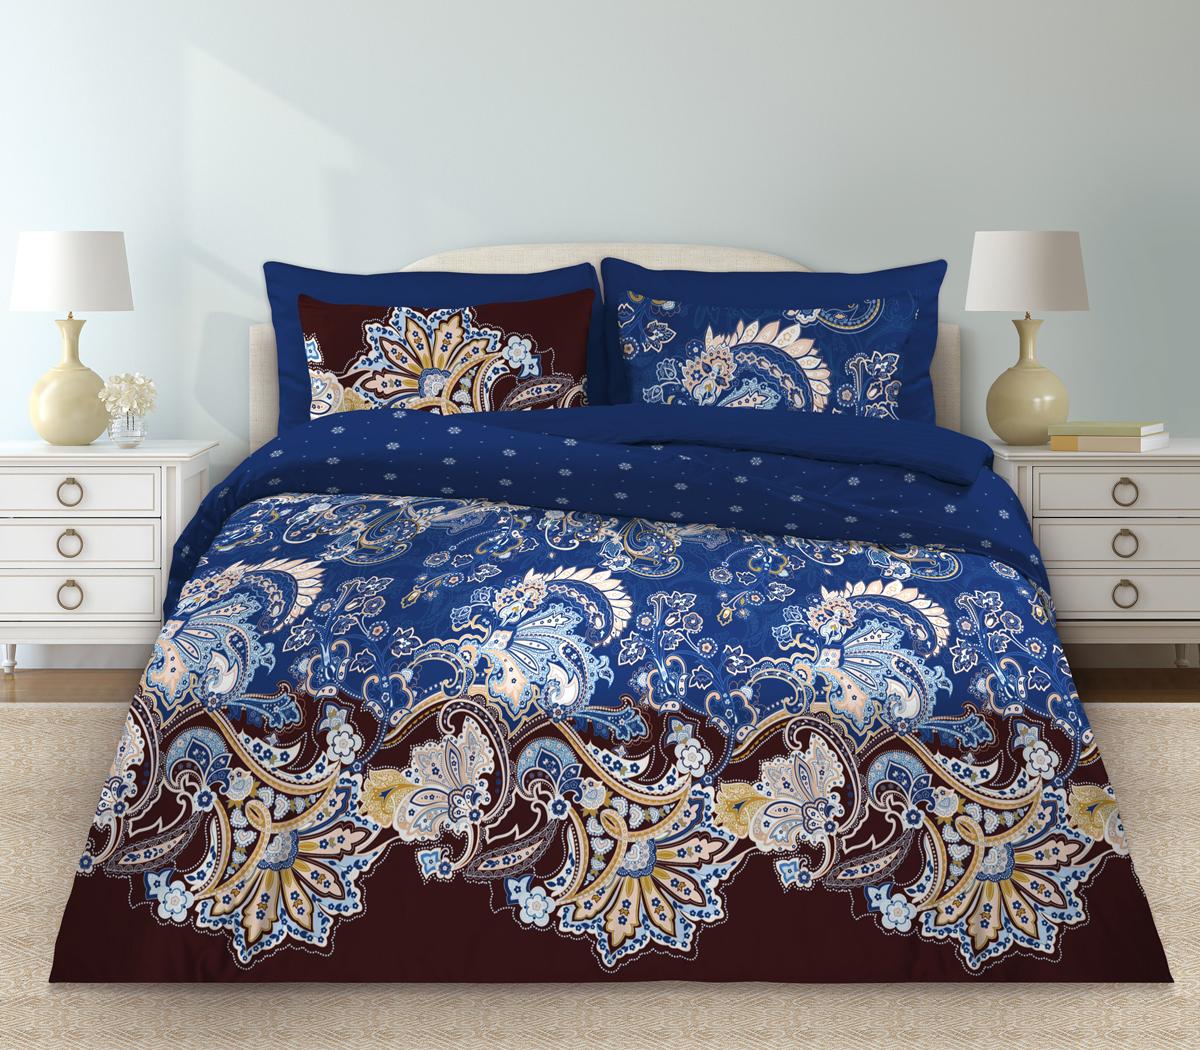 Комплект белья Любимый дом Болеро, 2-х спальное, наволочки 70 х 70, цвет: синий. 331122331122Комплект постельного белья коллекции «Любимый дом» - выполнен из высококачественной ткани из 100% хлопка. Такое белье абсолютно натуральное, гипоаллергенное, соответствует строжайшим экологическим нормам безопасности, комфортное, дышащее, не нарушает естественные процессы терморегуляции, прочное, не линяет, не деформируется и не теряет своих красок даже после многочисленных стирок, а также отличается хорошей износостойкостью.